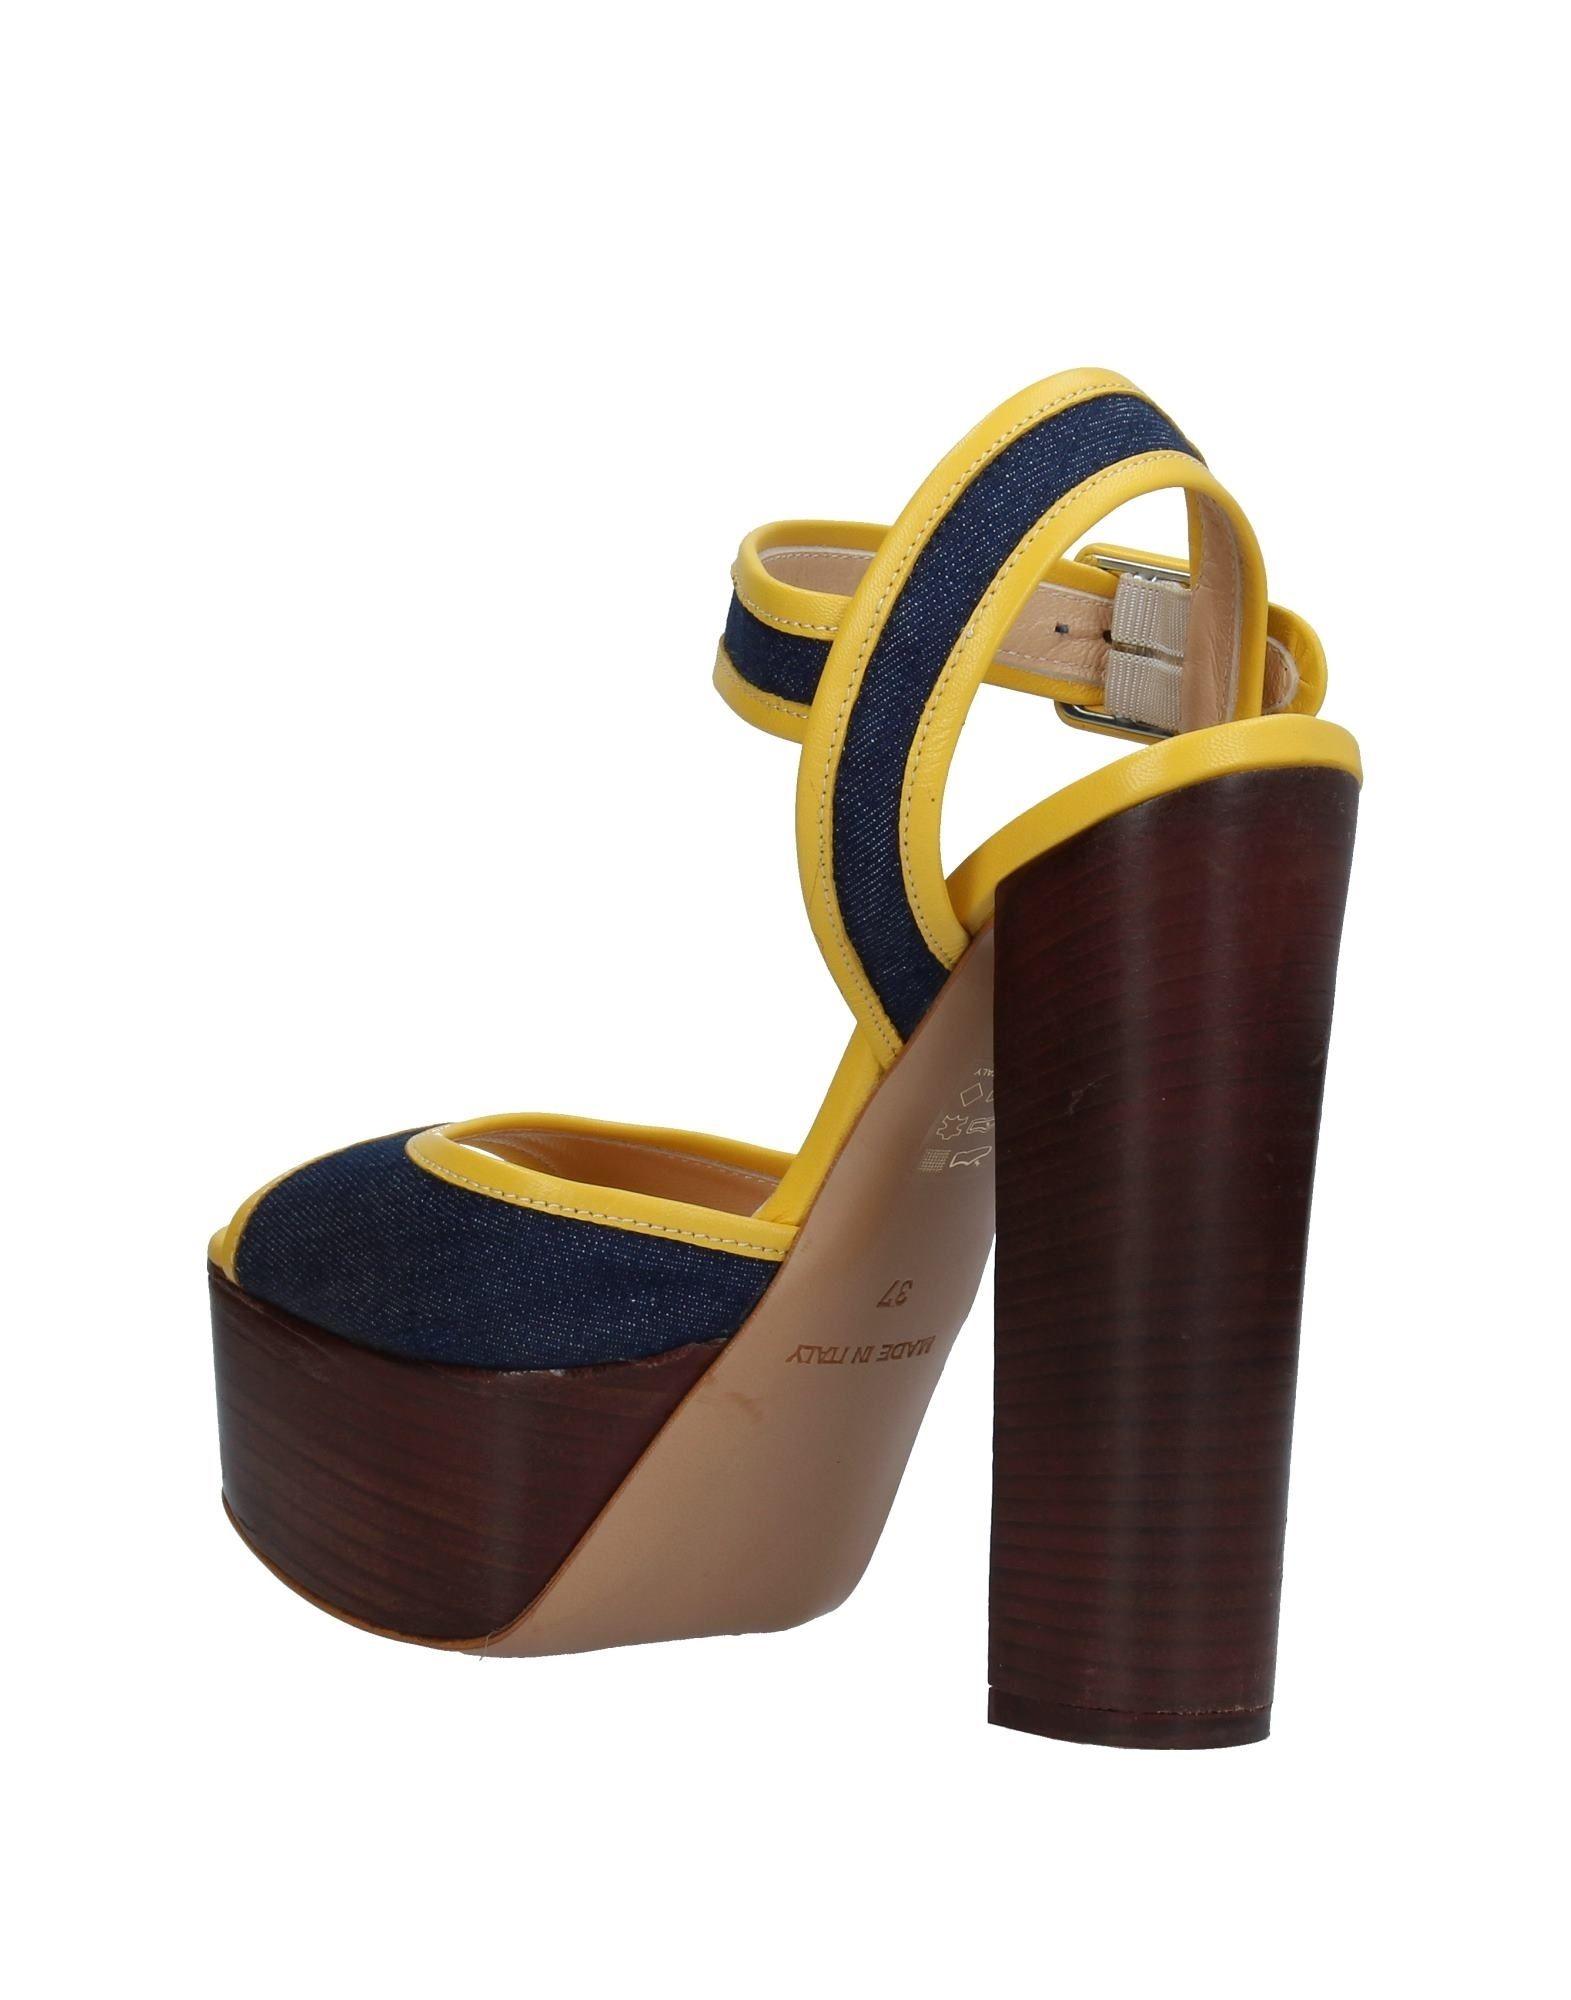 Moda Sandali Sandali Moda Unlace Donna - 11373442GS 61e849